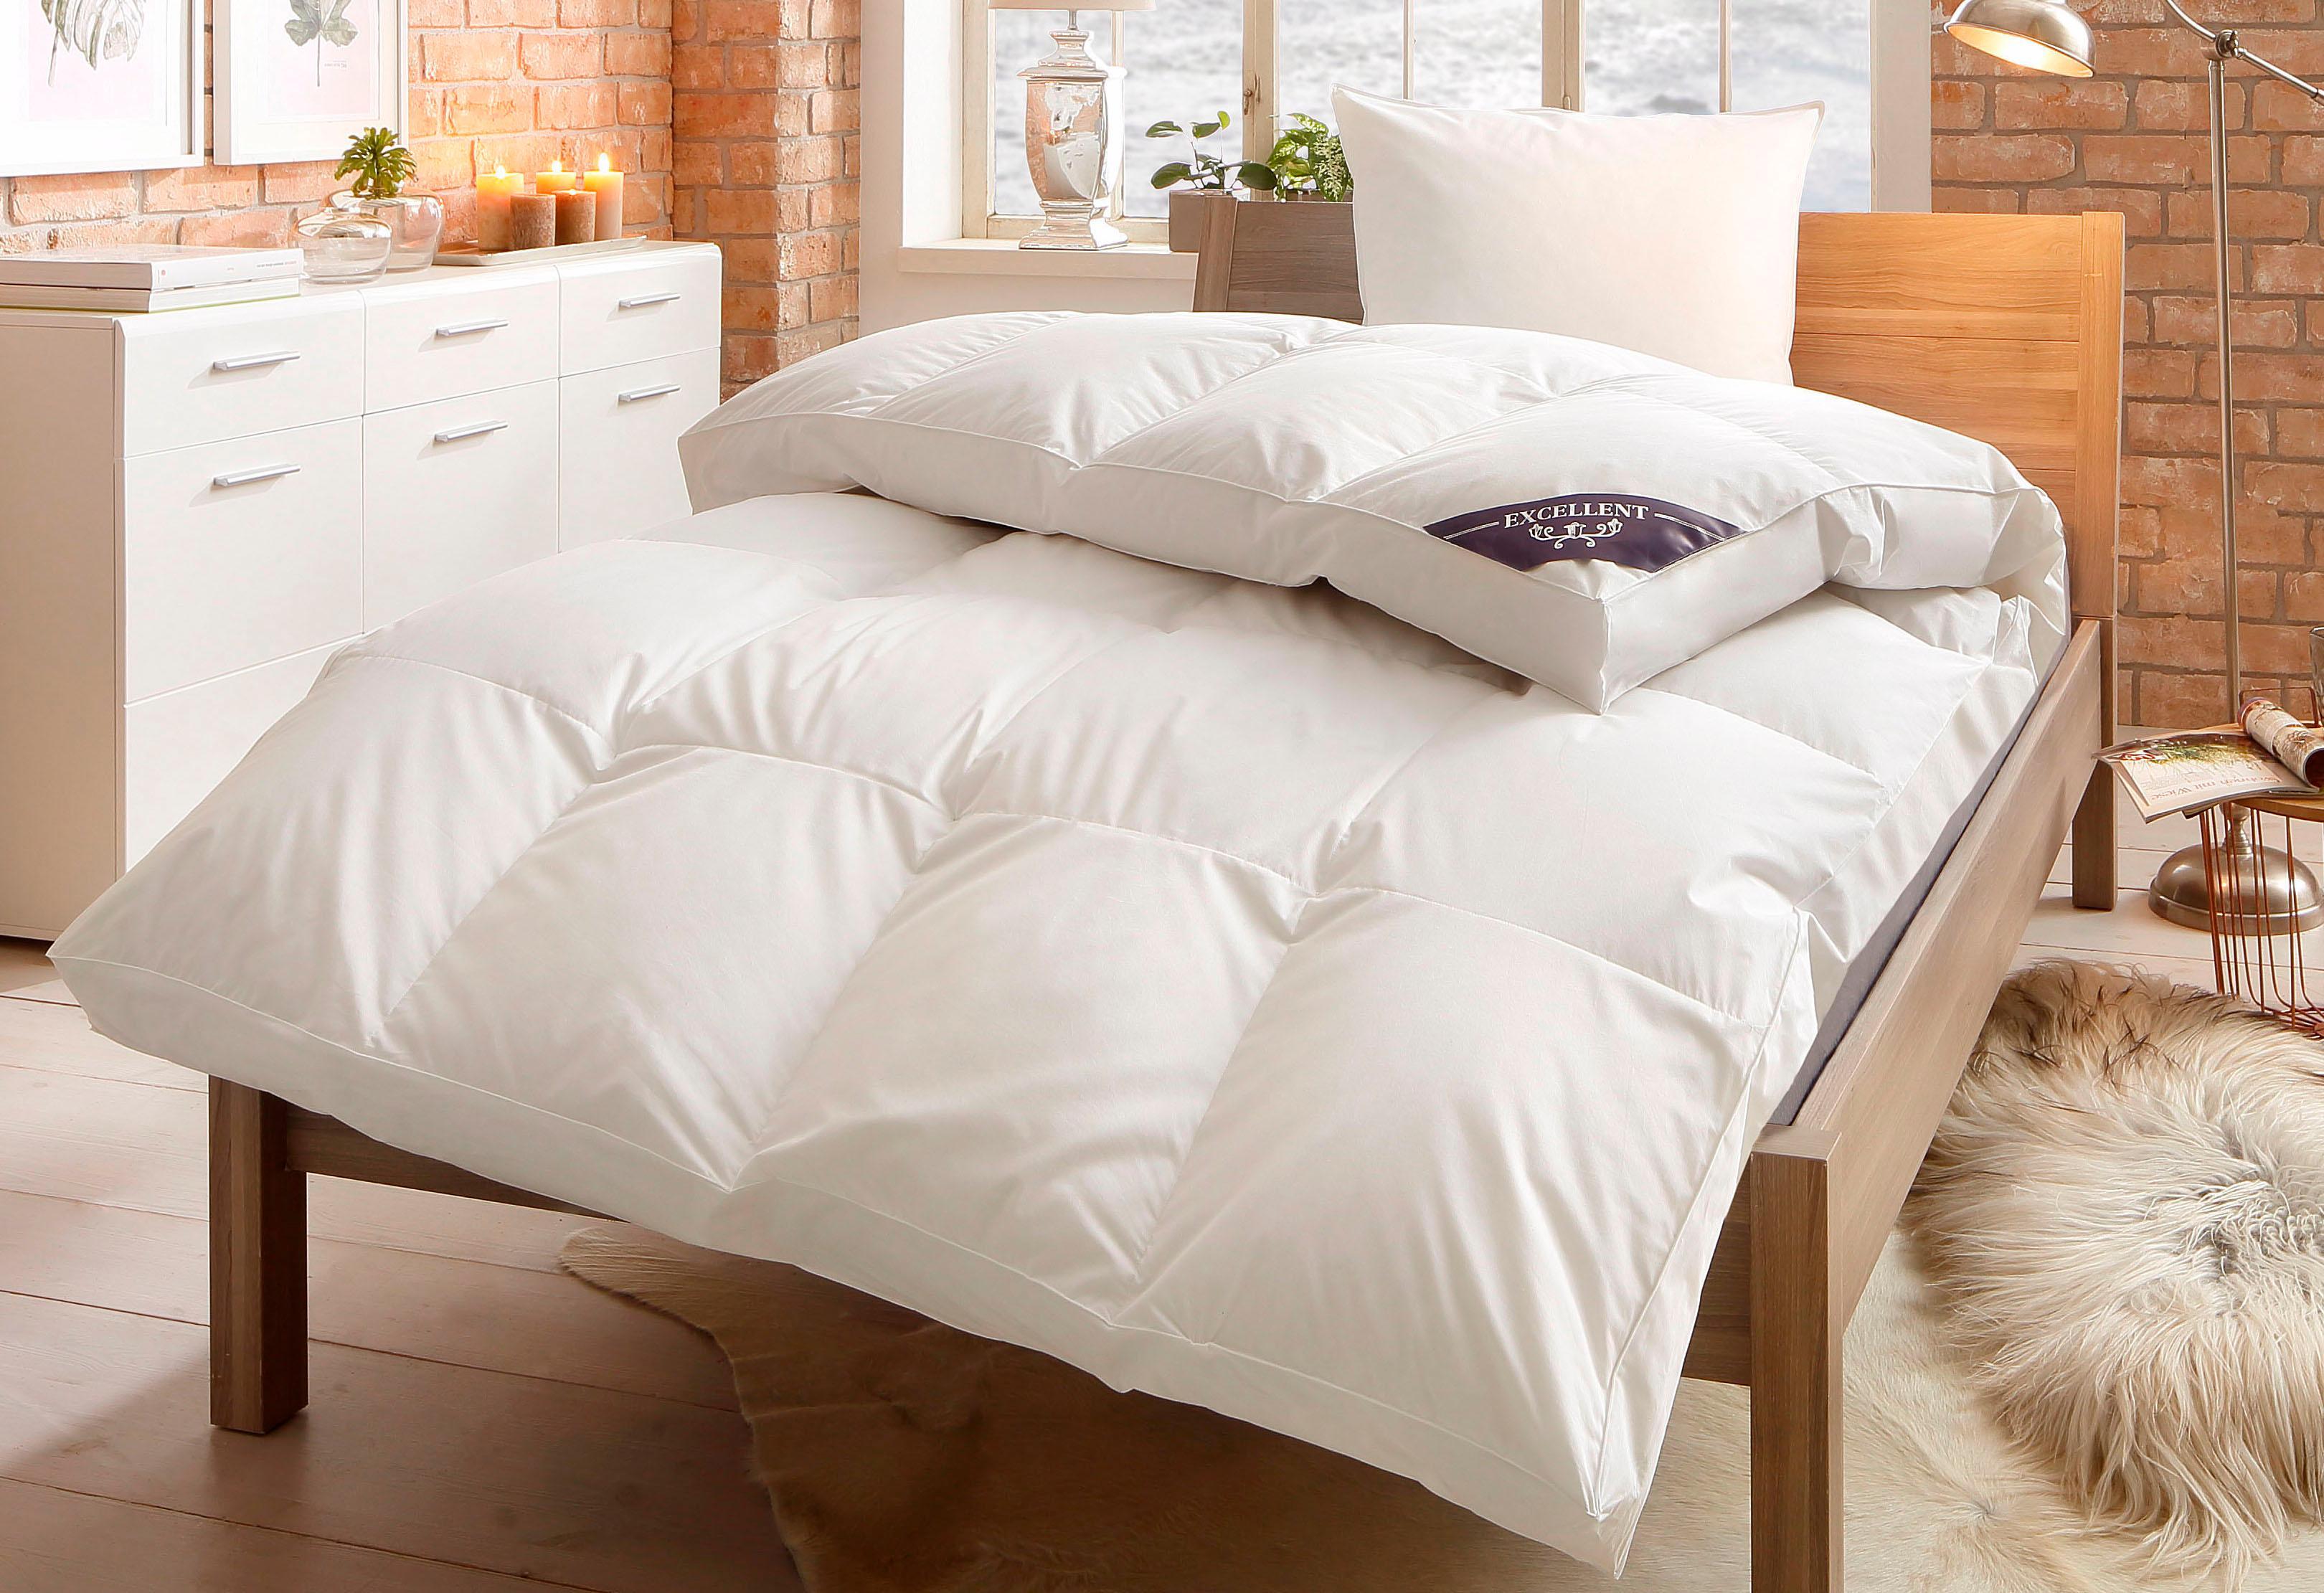 Daunenbettdecke + Federkissen Komfort Excellent polarwarm